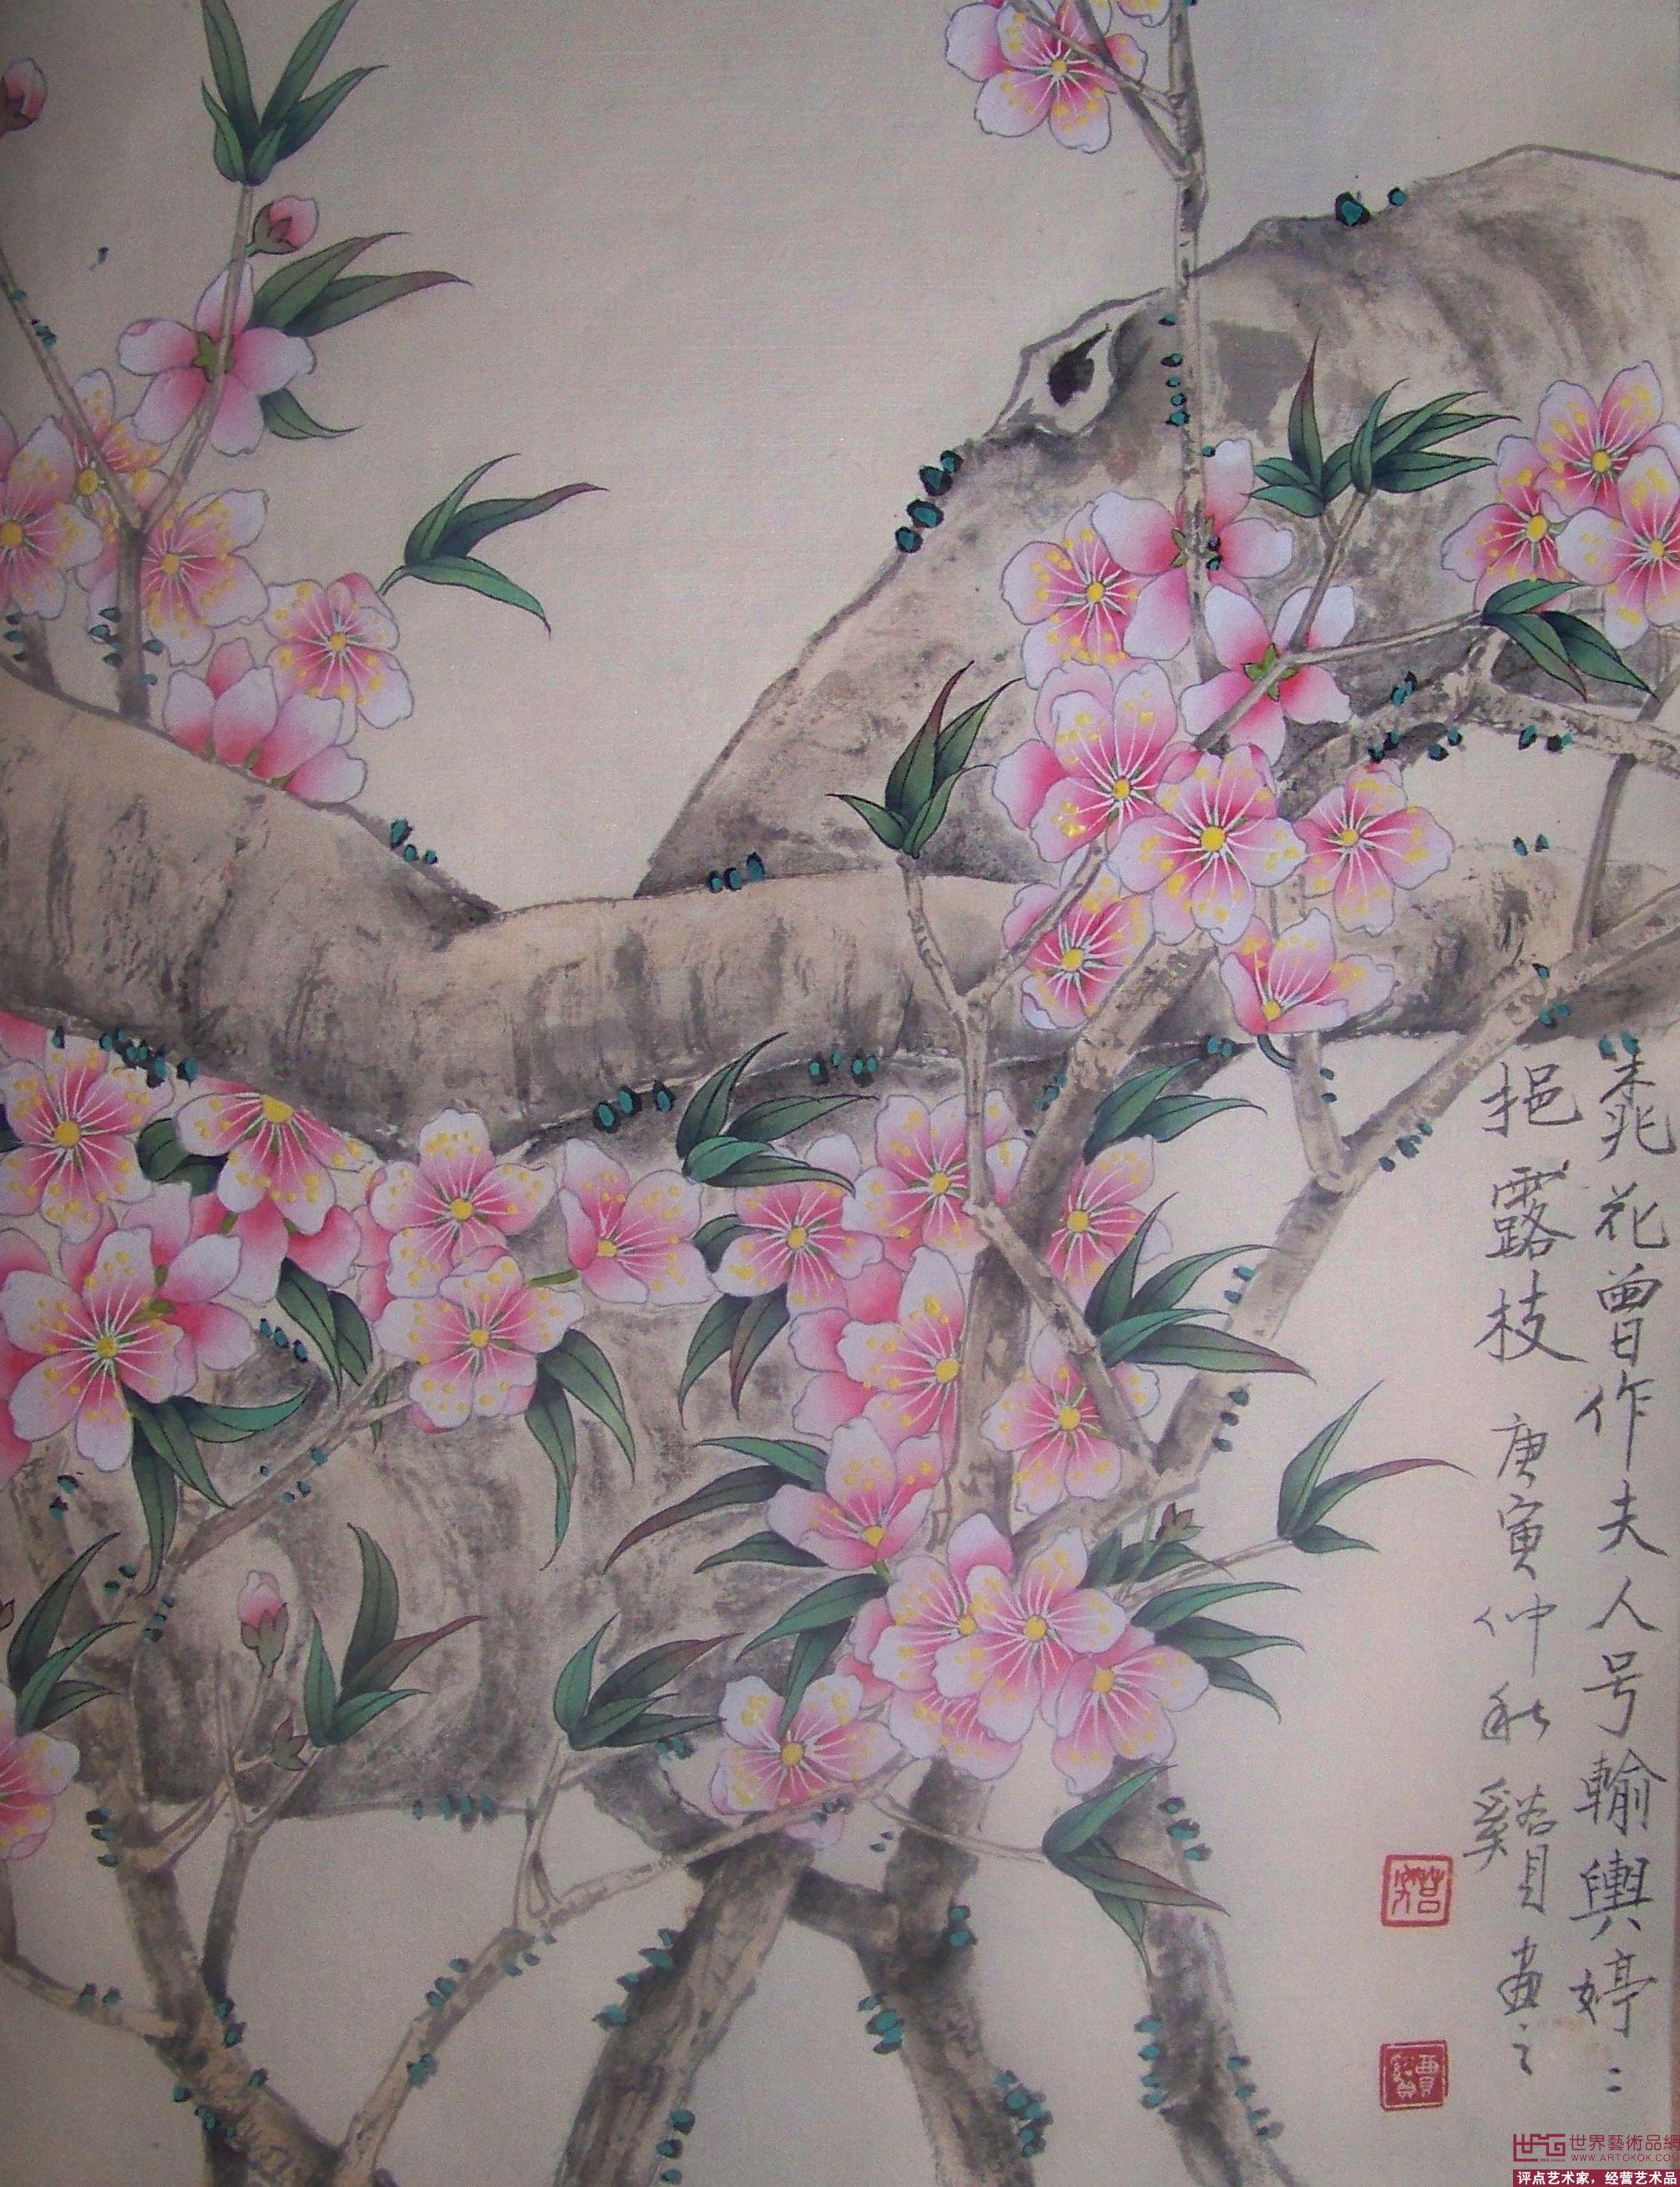 作品名称:  桃花; 国画贾溪贝;; 图片